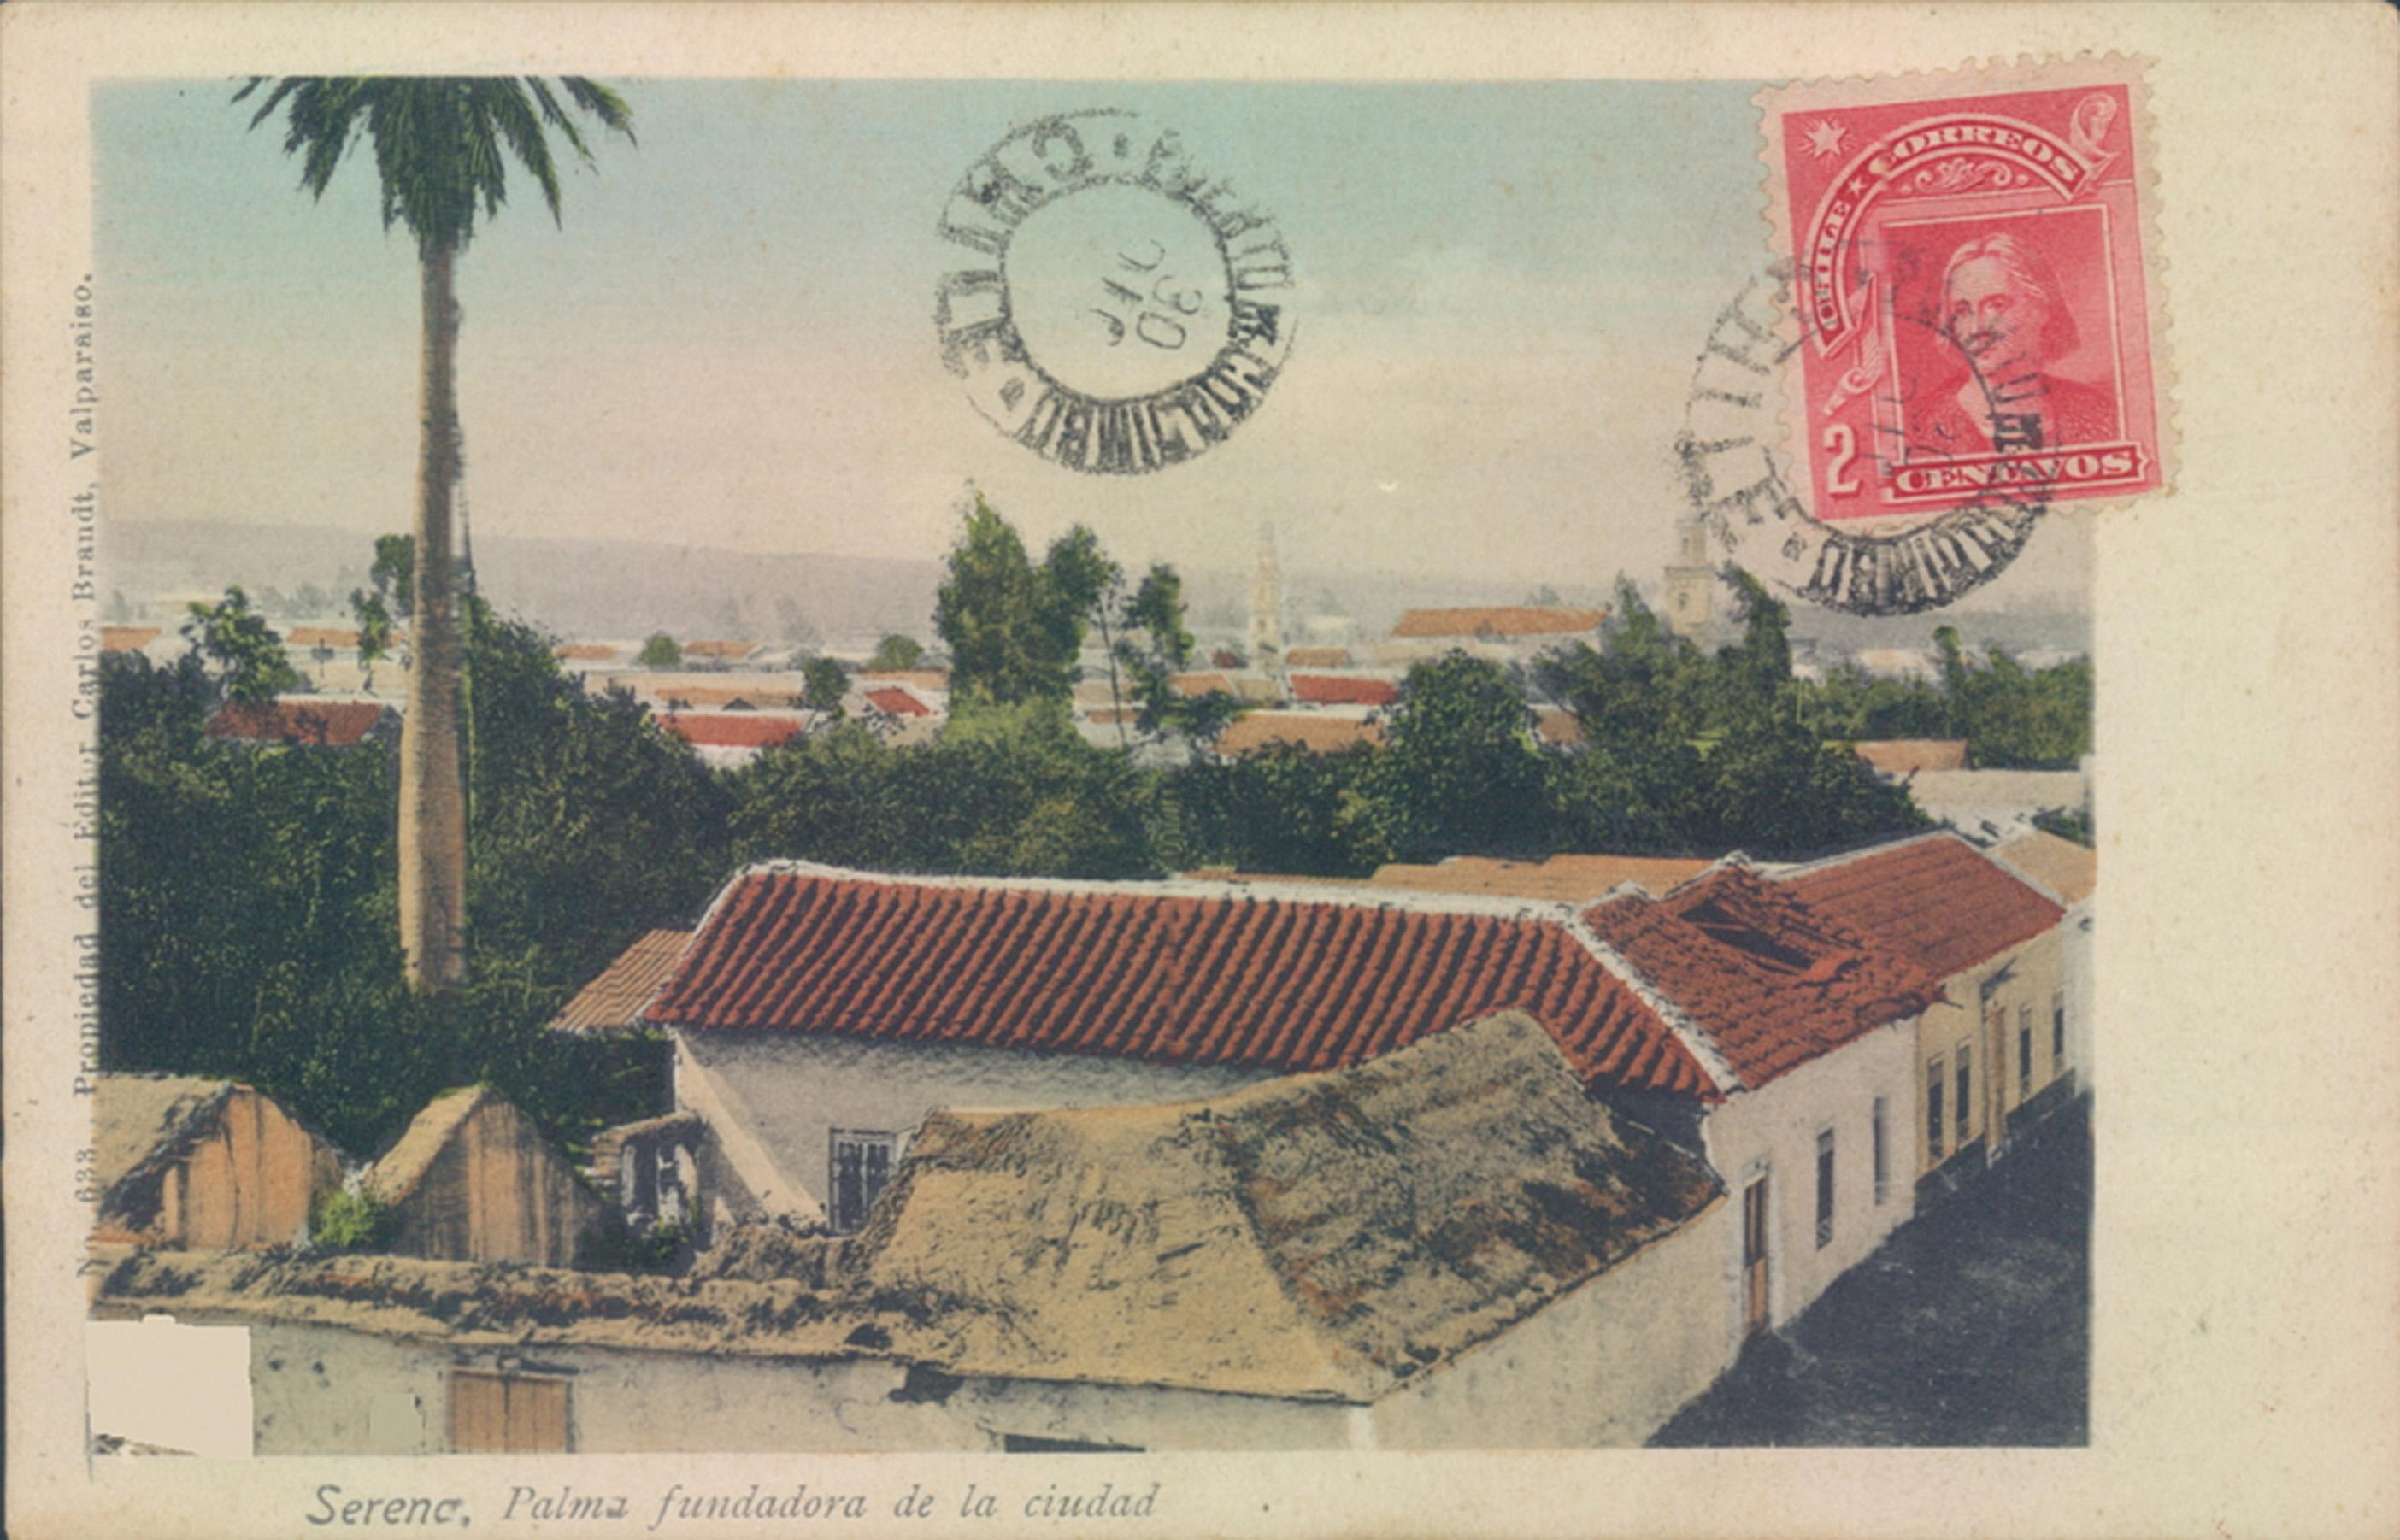 Enterreno - Fotos históricas de chile - fotos antiguas de Chile - La Serena en 1905